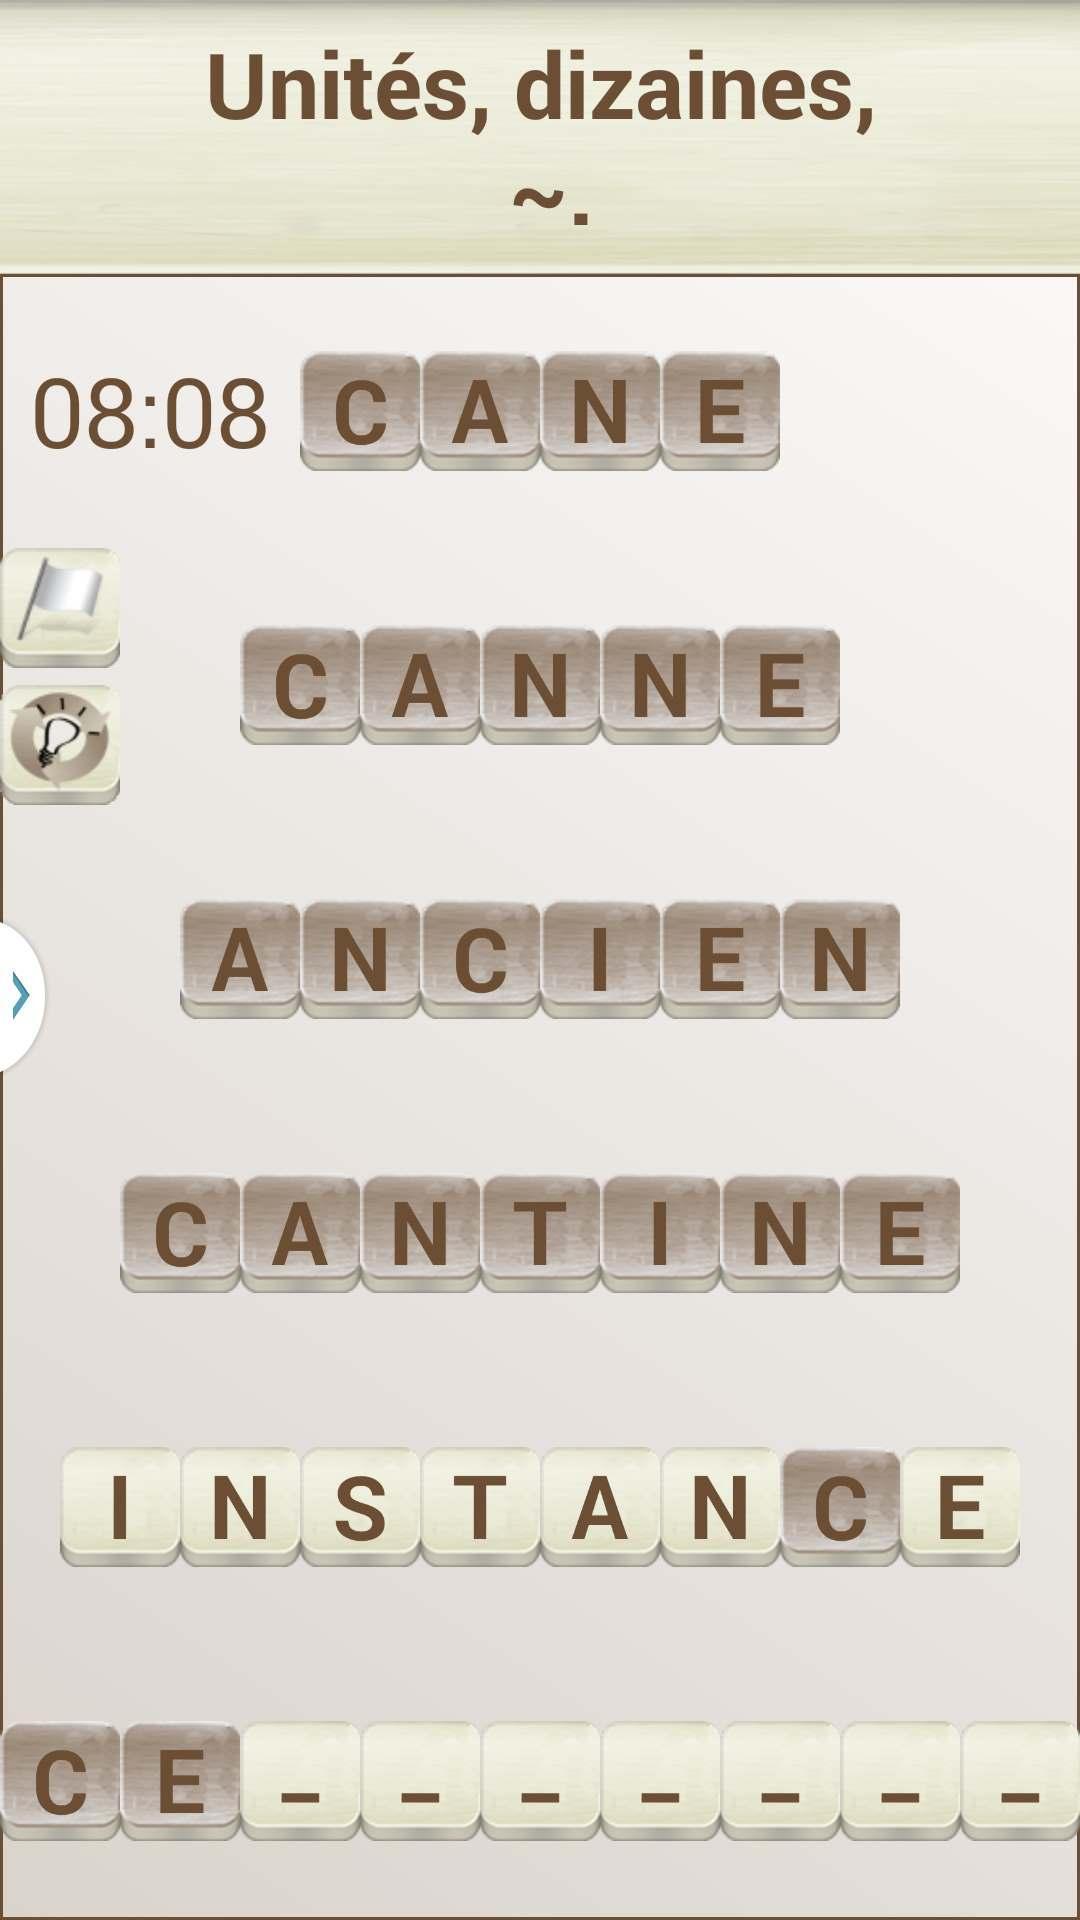 Jeux De Mots En Français For Android - Apk Download destiné Definition Mot Fleches Gratuit